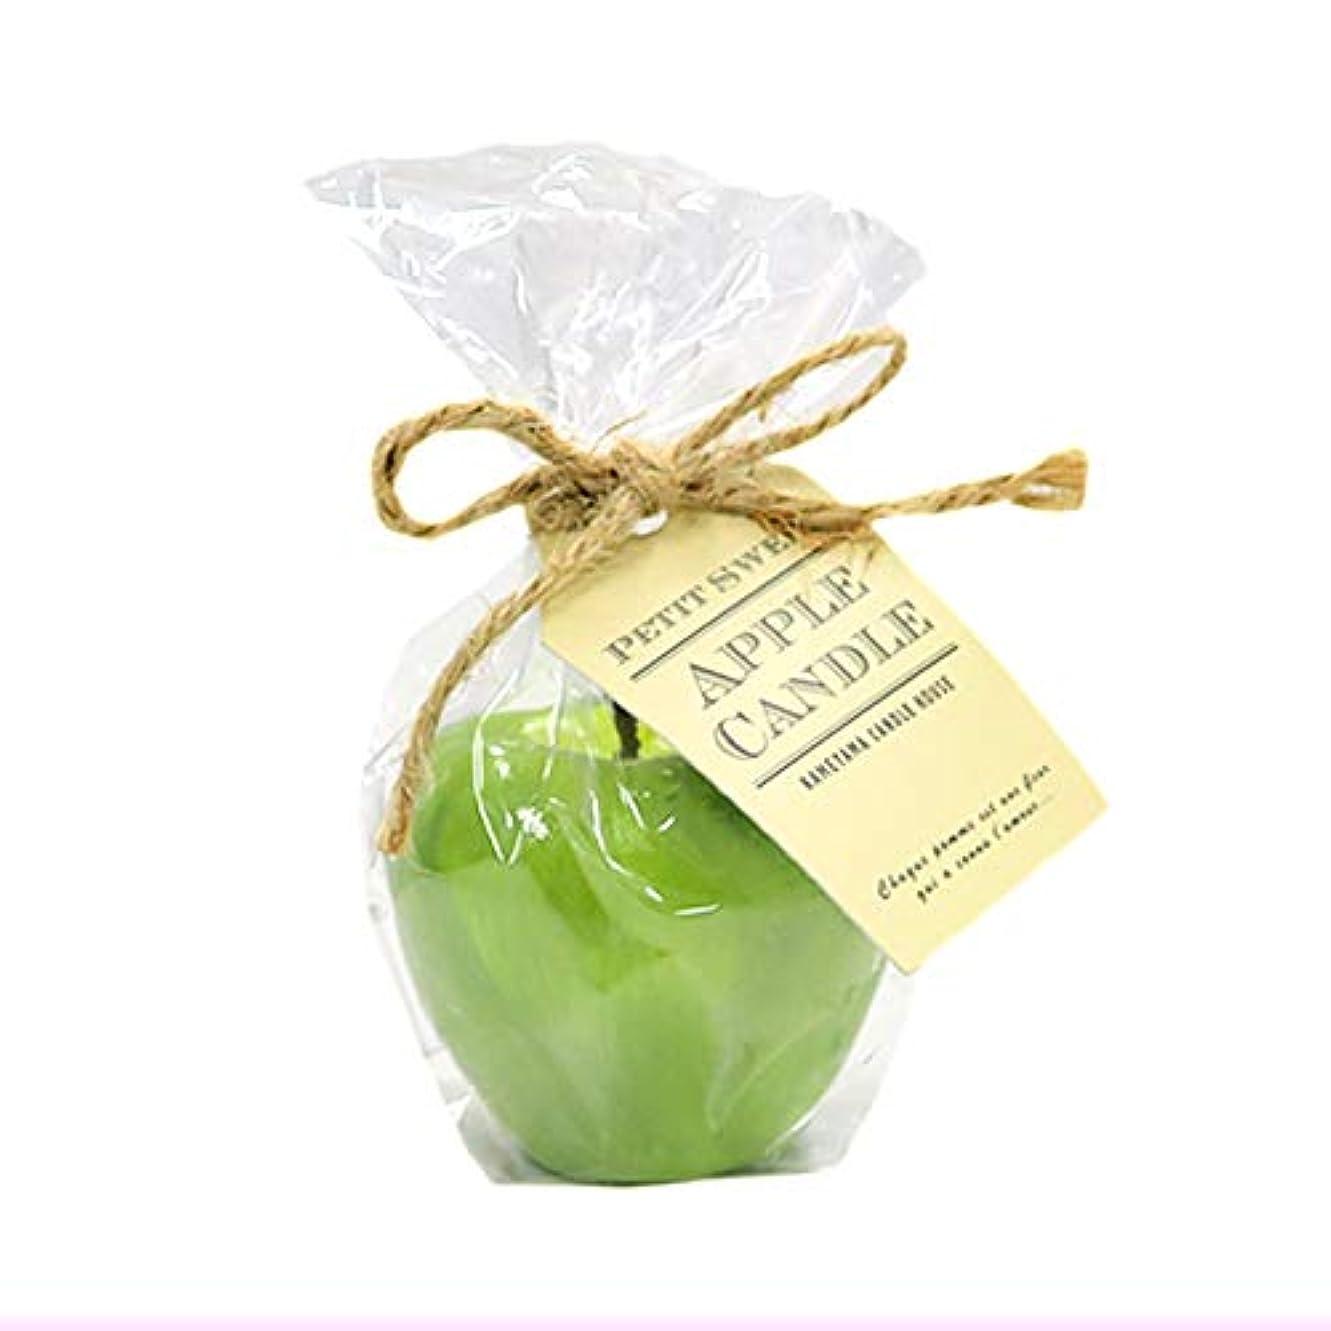 好むパールシャイカメヤマキャンドルハウス プチスイートアップルフローティングキャンドル グリーン アップルの香りつき